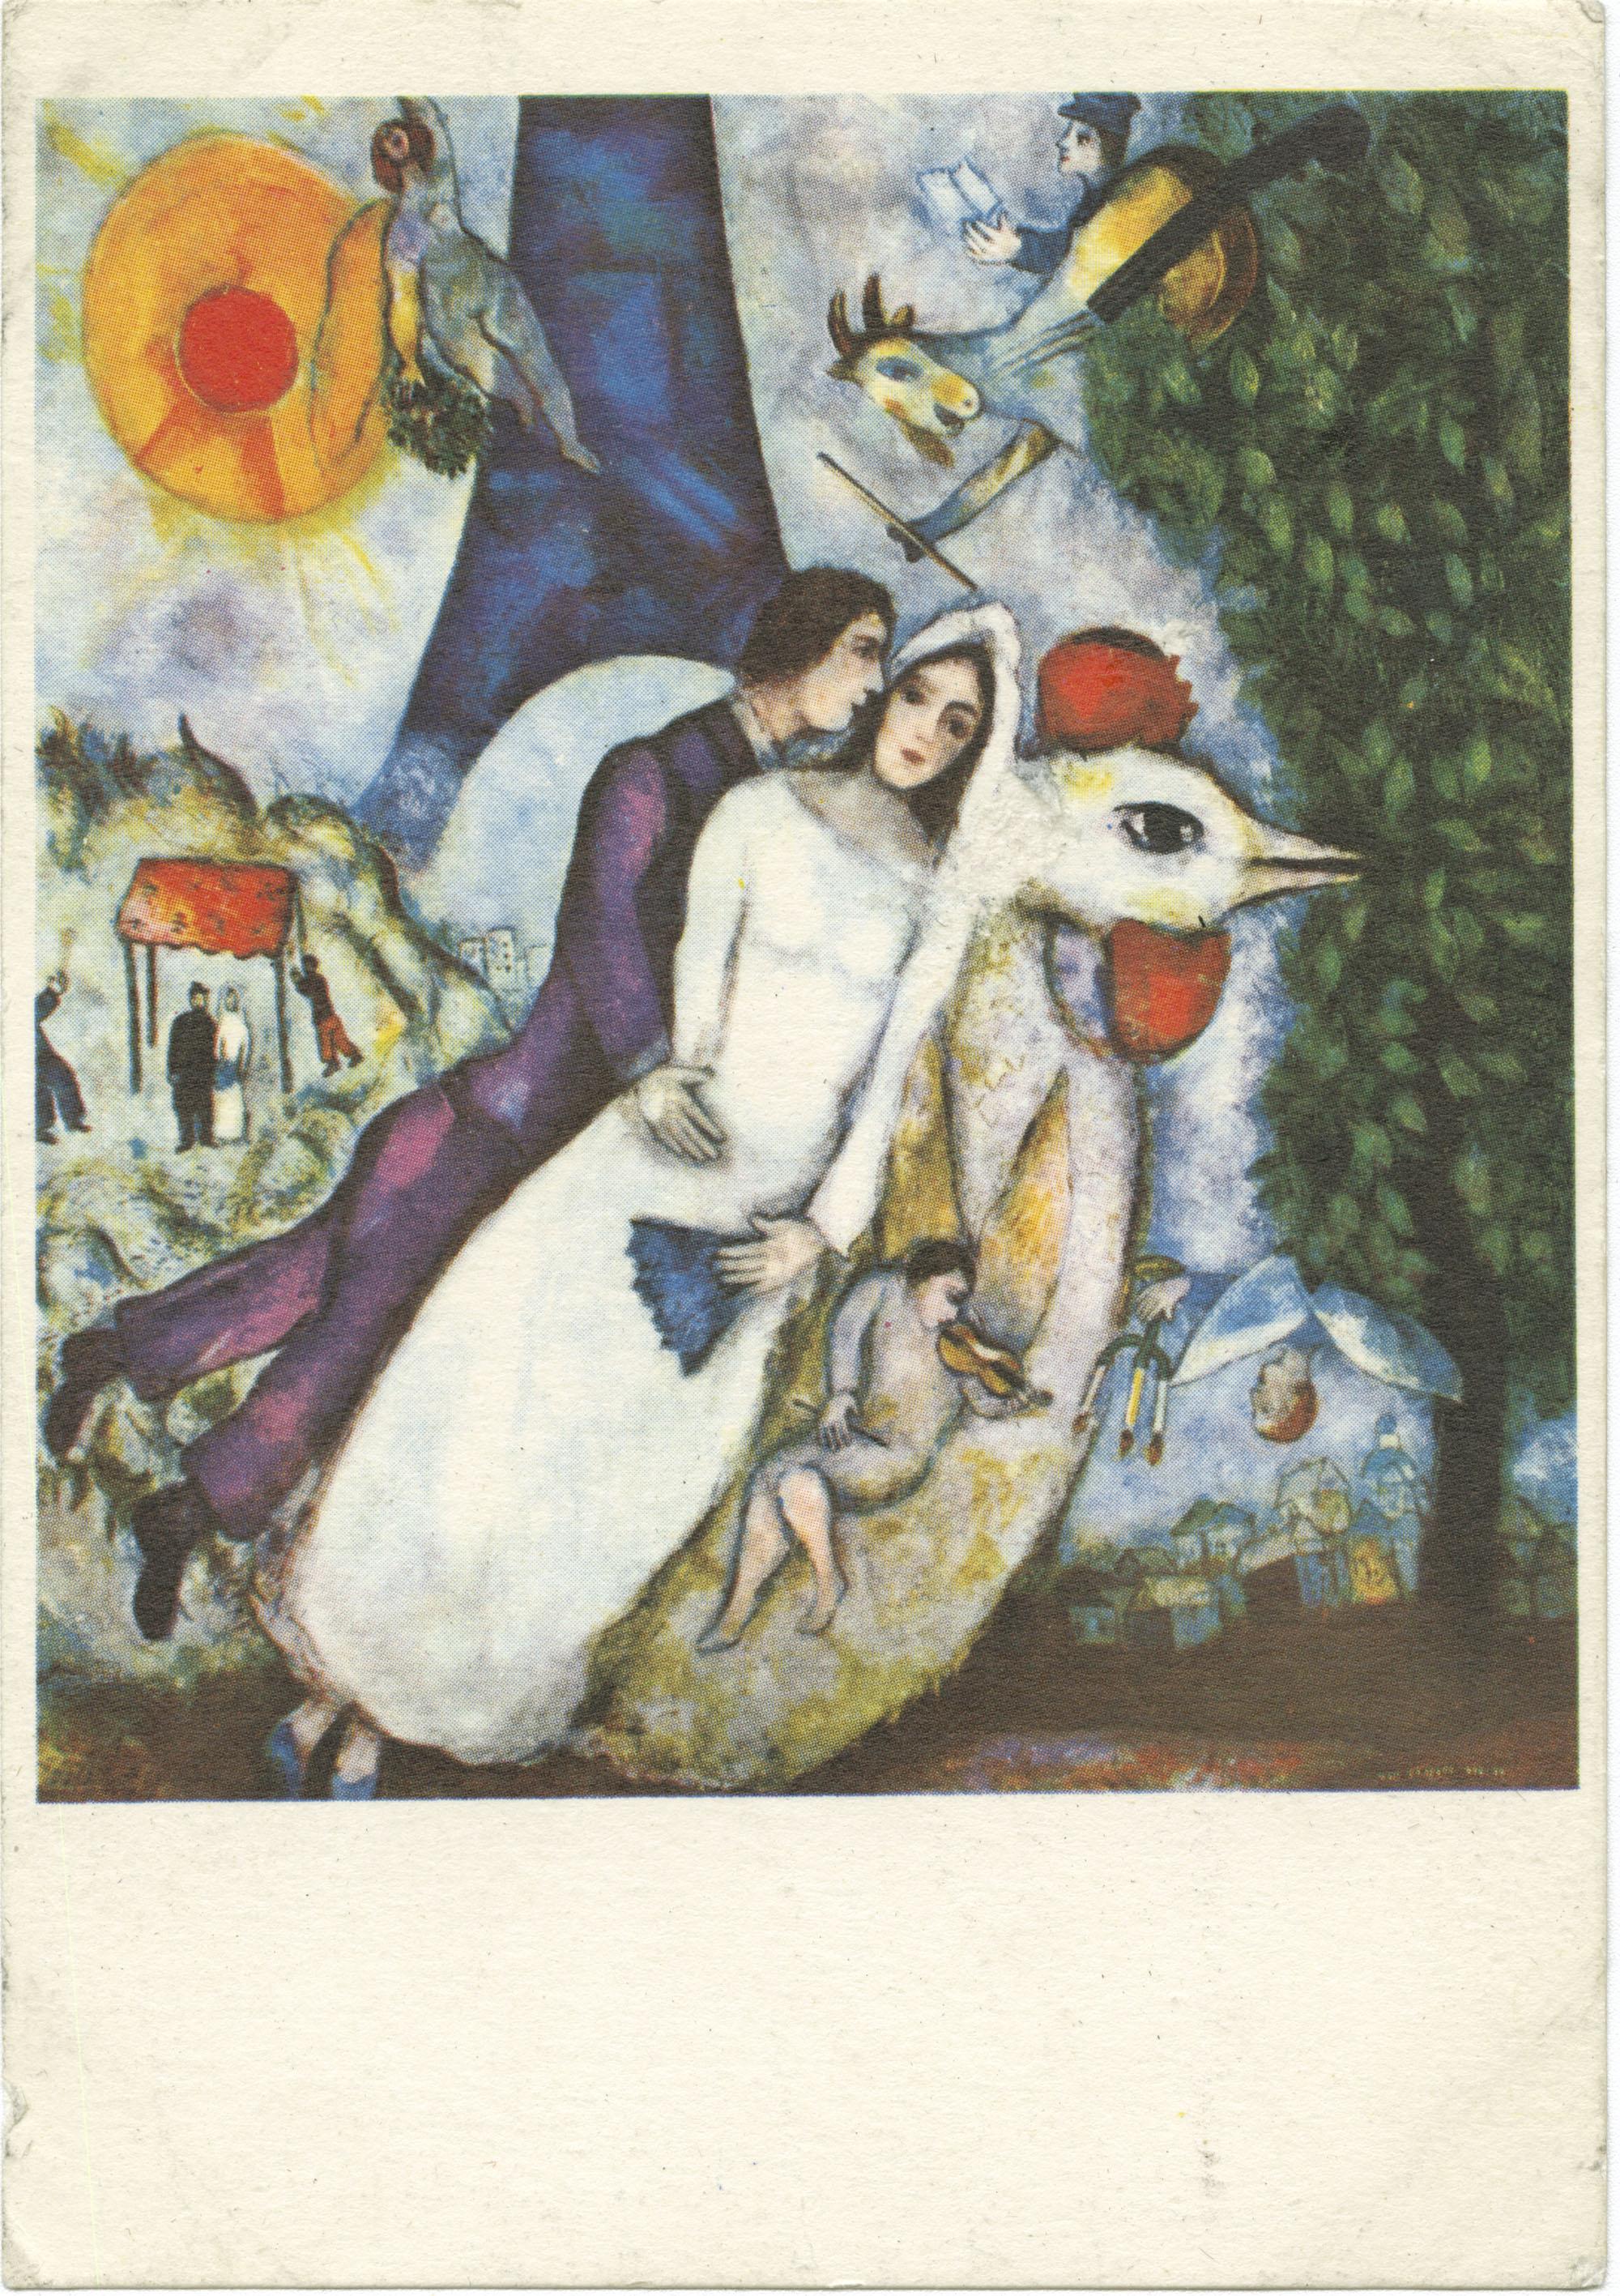 Chagall - Les fiancés à la Tour Eiffel / The Fiances at the Eiffel Tower. 1938-1939.